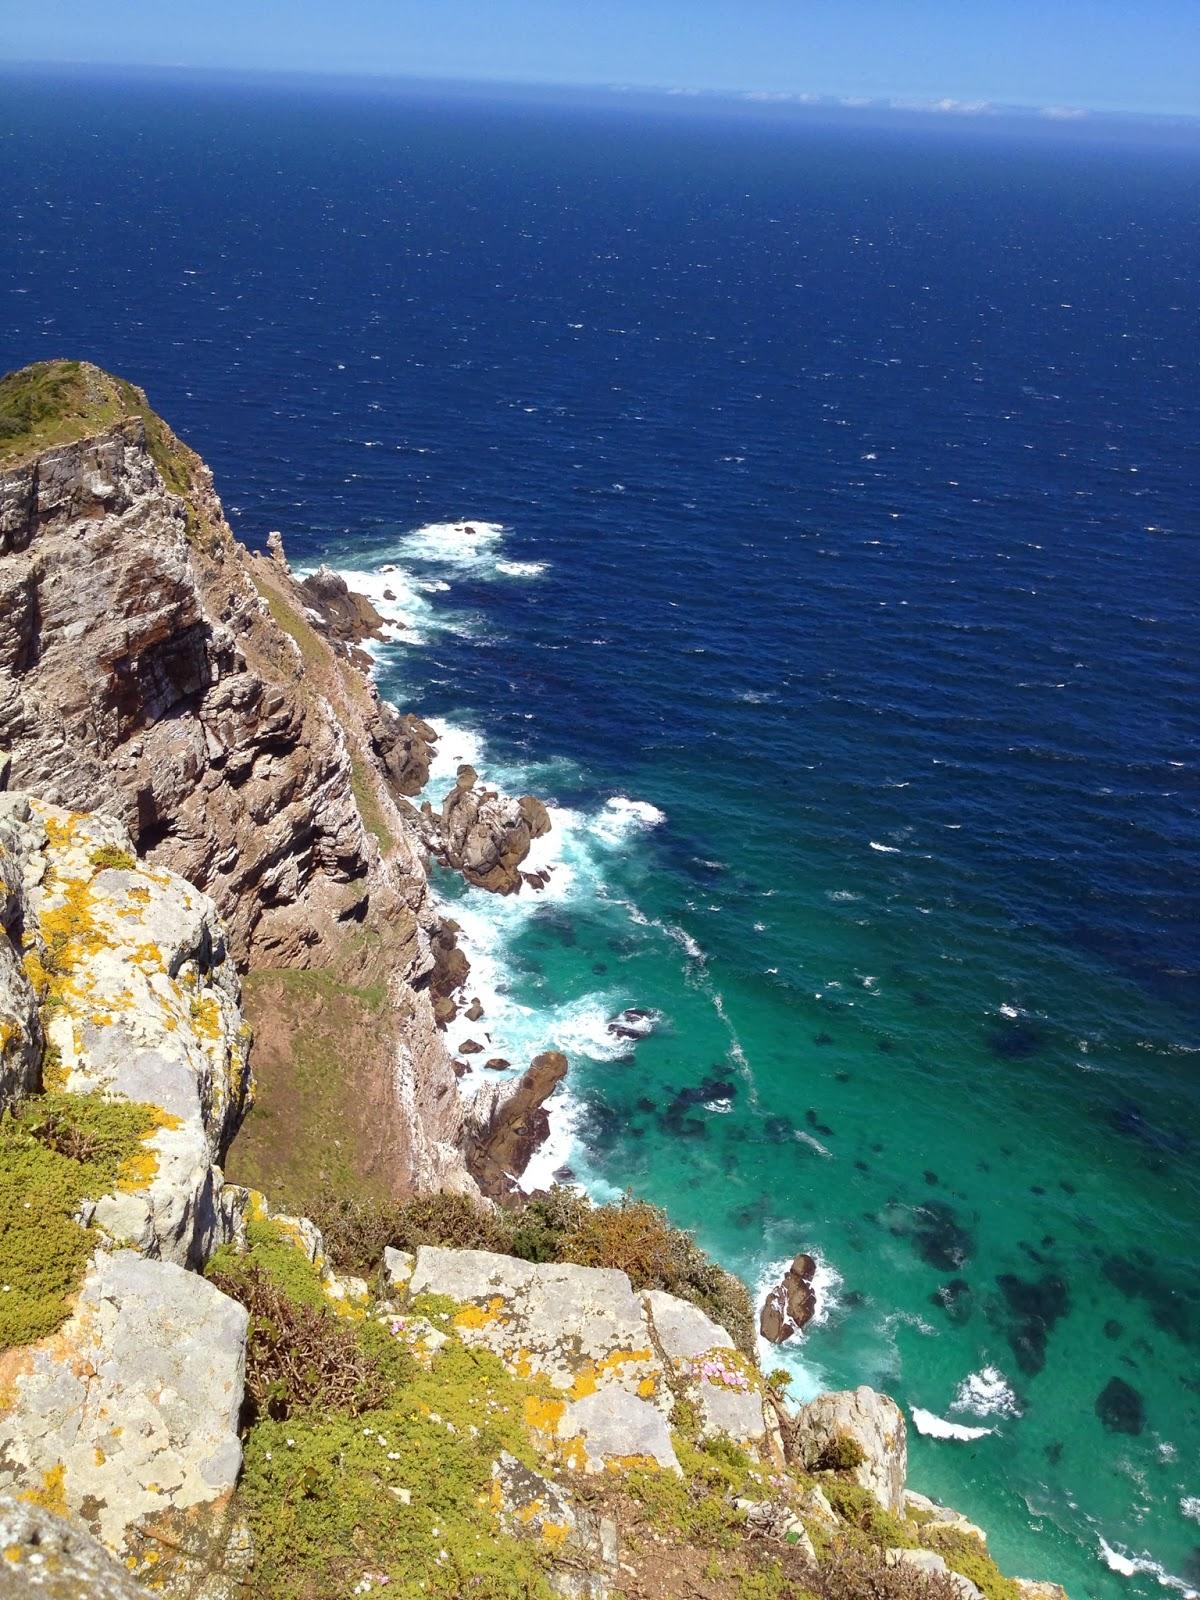 Cape Point Tour - View at Cape Point